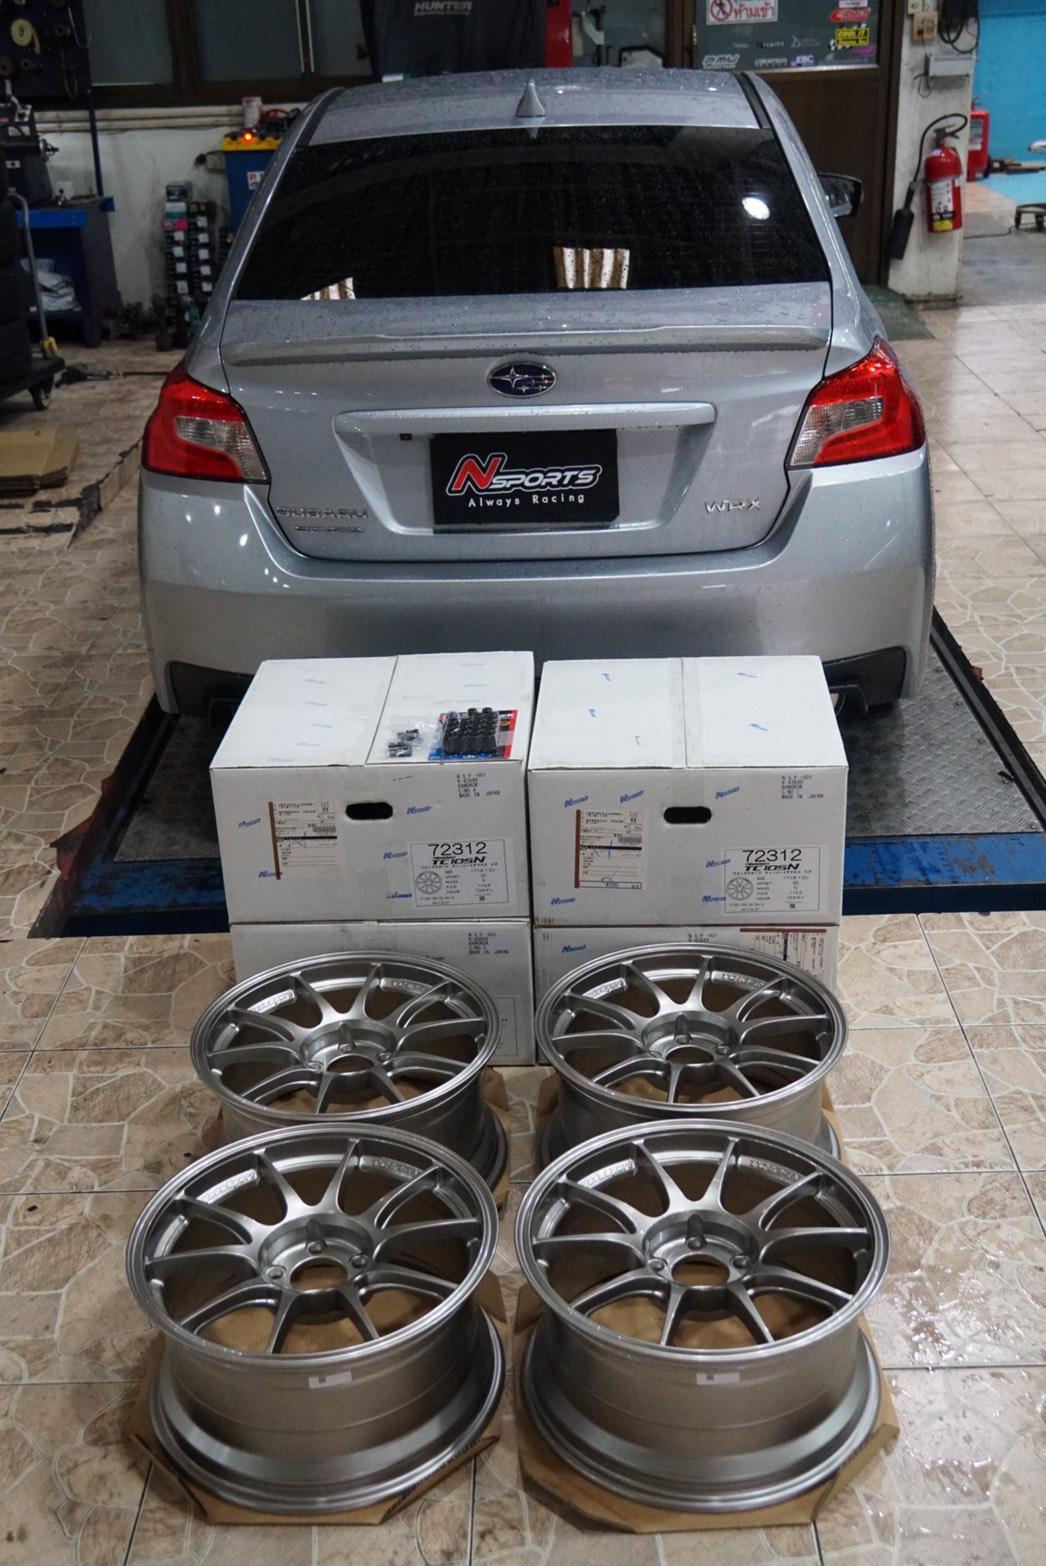 รีวิว Subaru WRX + ล้อ Wedssport TC105N 17x8.5+32 5-114.3